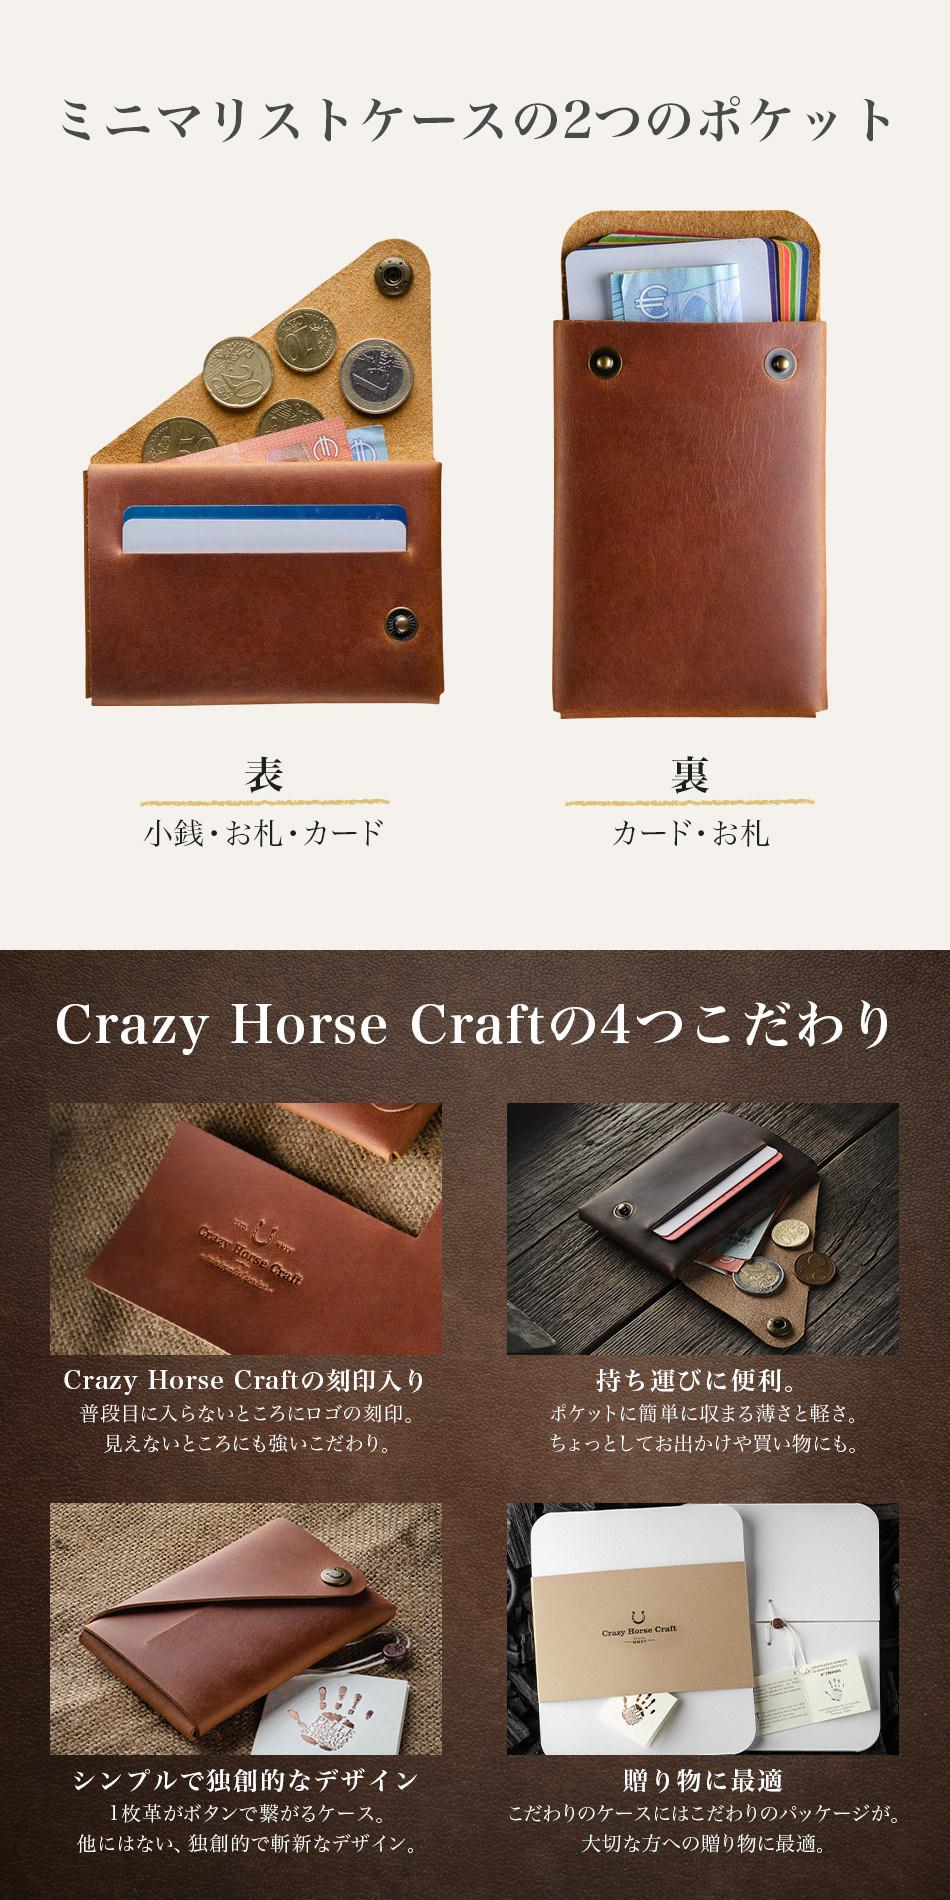 ポケットの構造とCrazy Horse Craftの4つこだわり